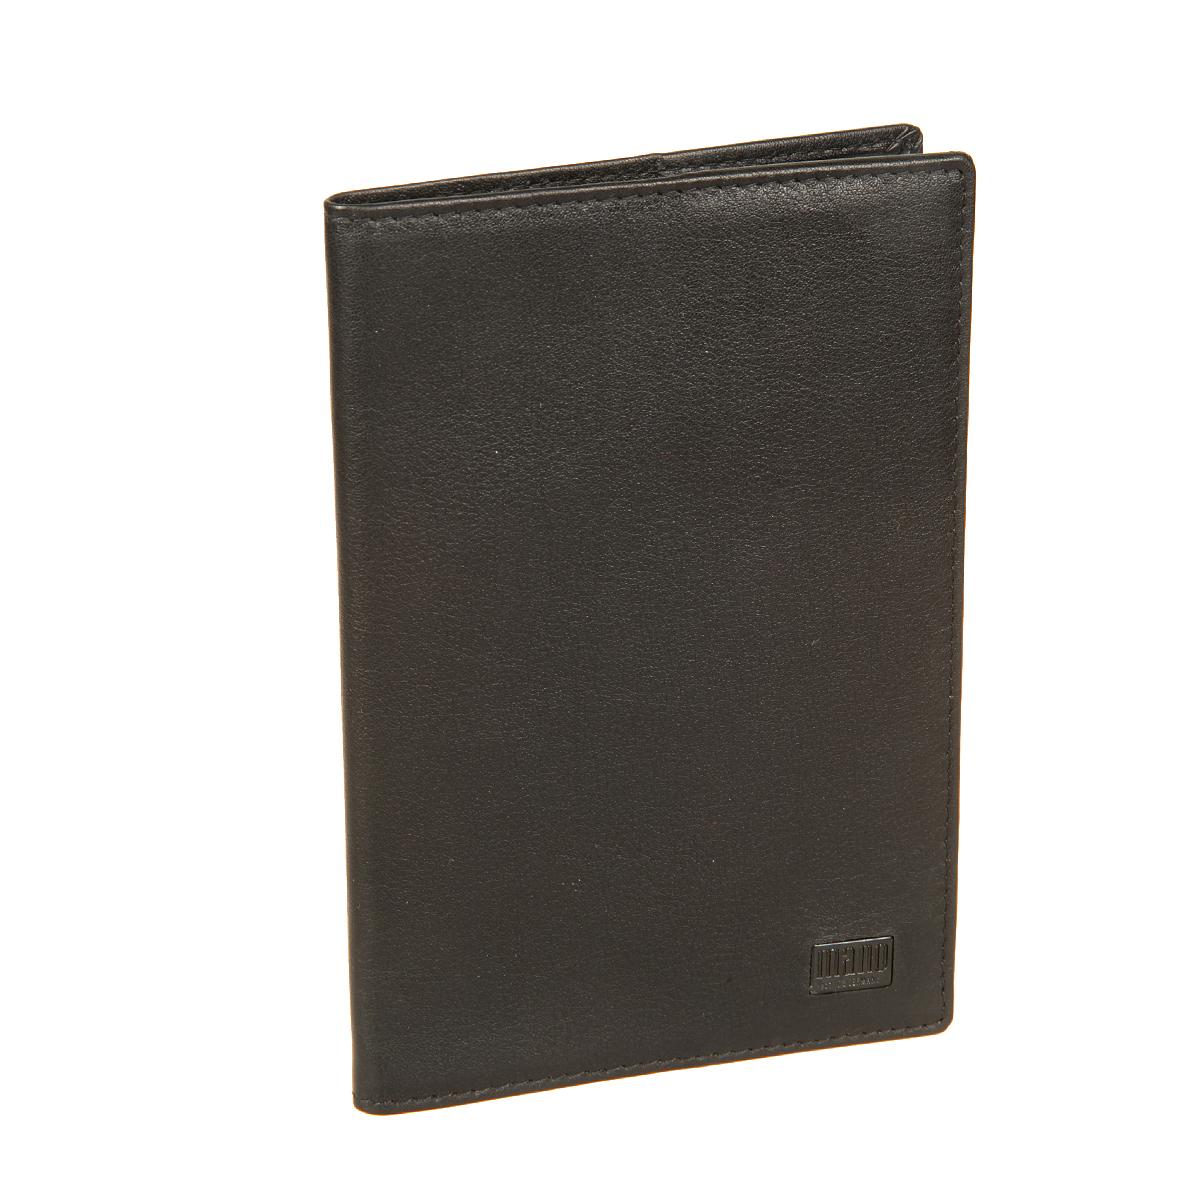 Обложка для паспорта мужская Mano, цвет: черный. 19152